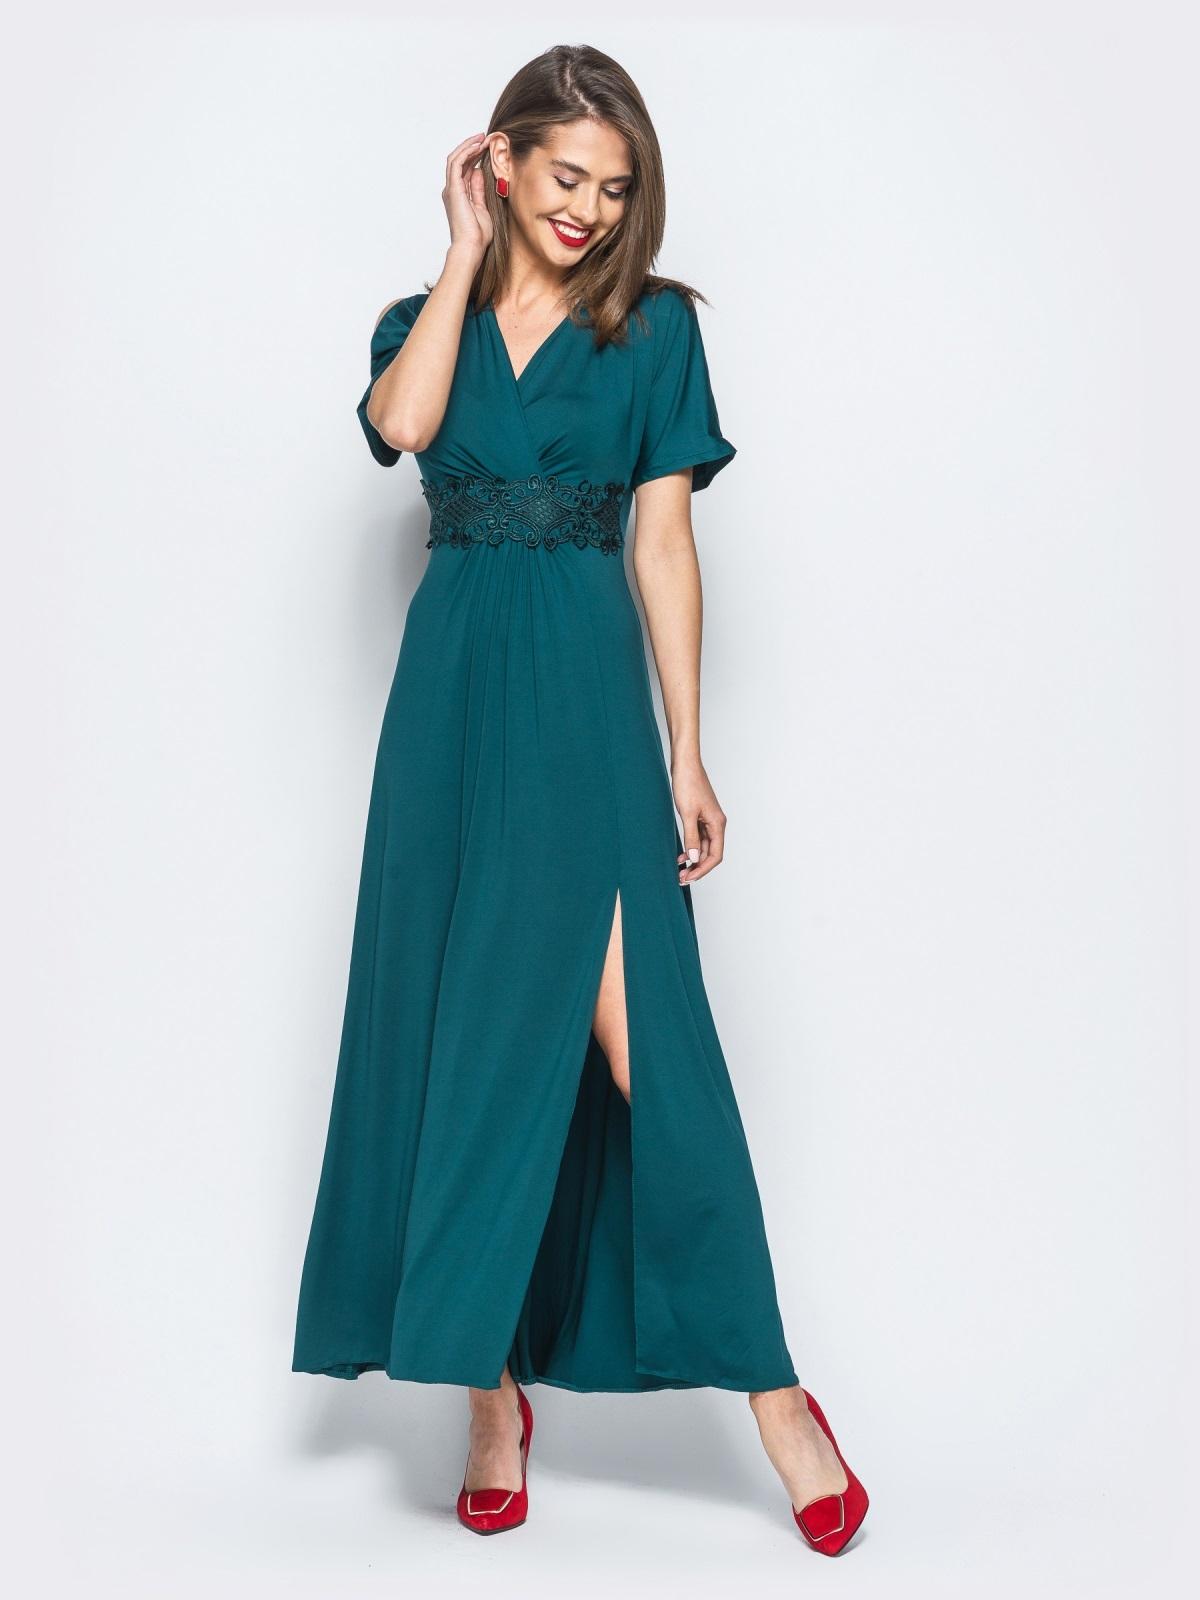 Трикотажное платье с высоким разрезом зелёное - 17910, фото 1 –  интернет-магазин Dressa 6263a03b23d